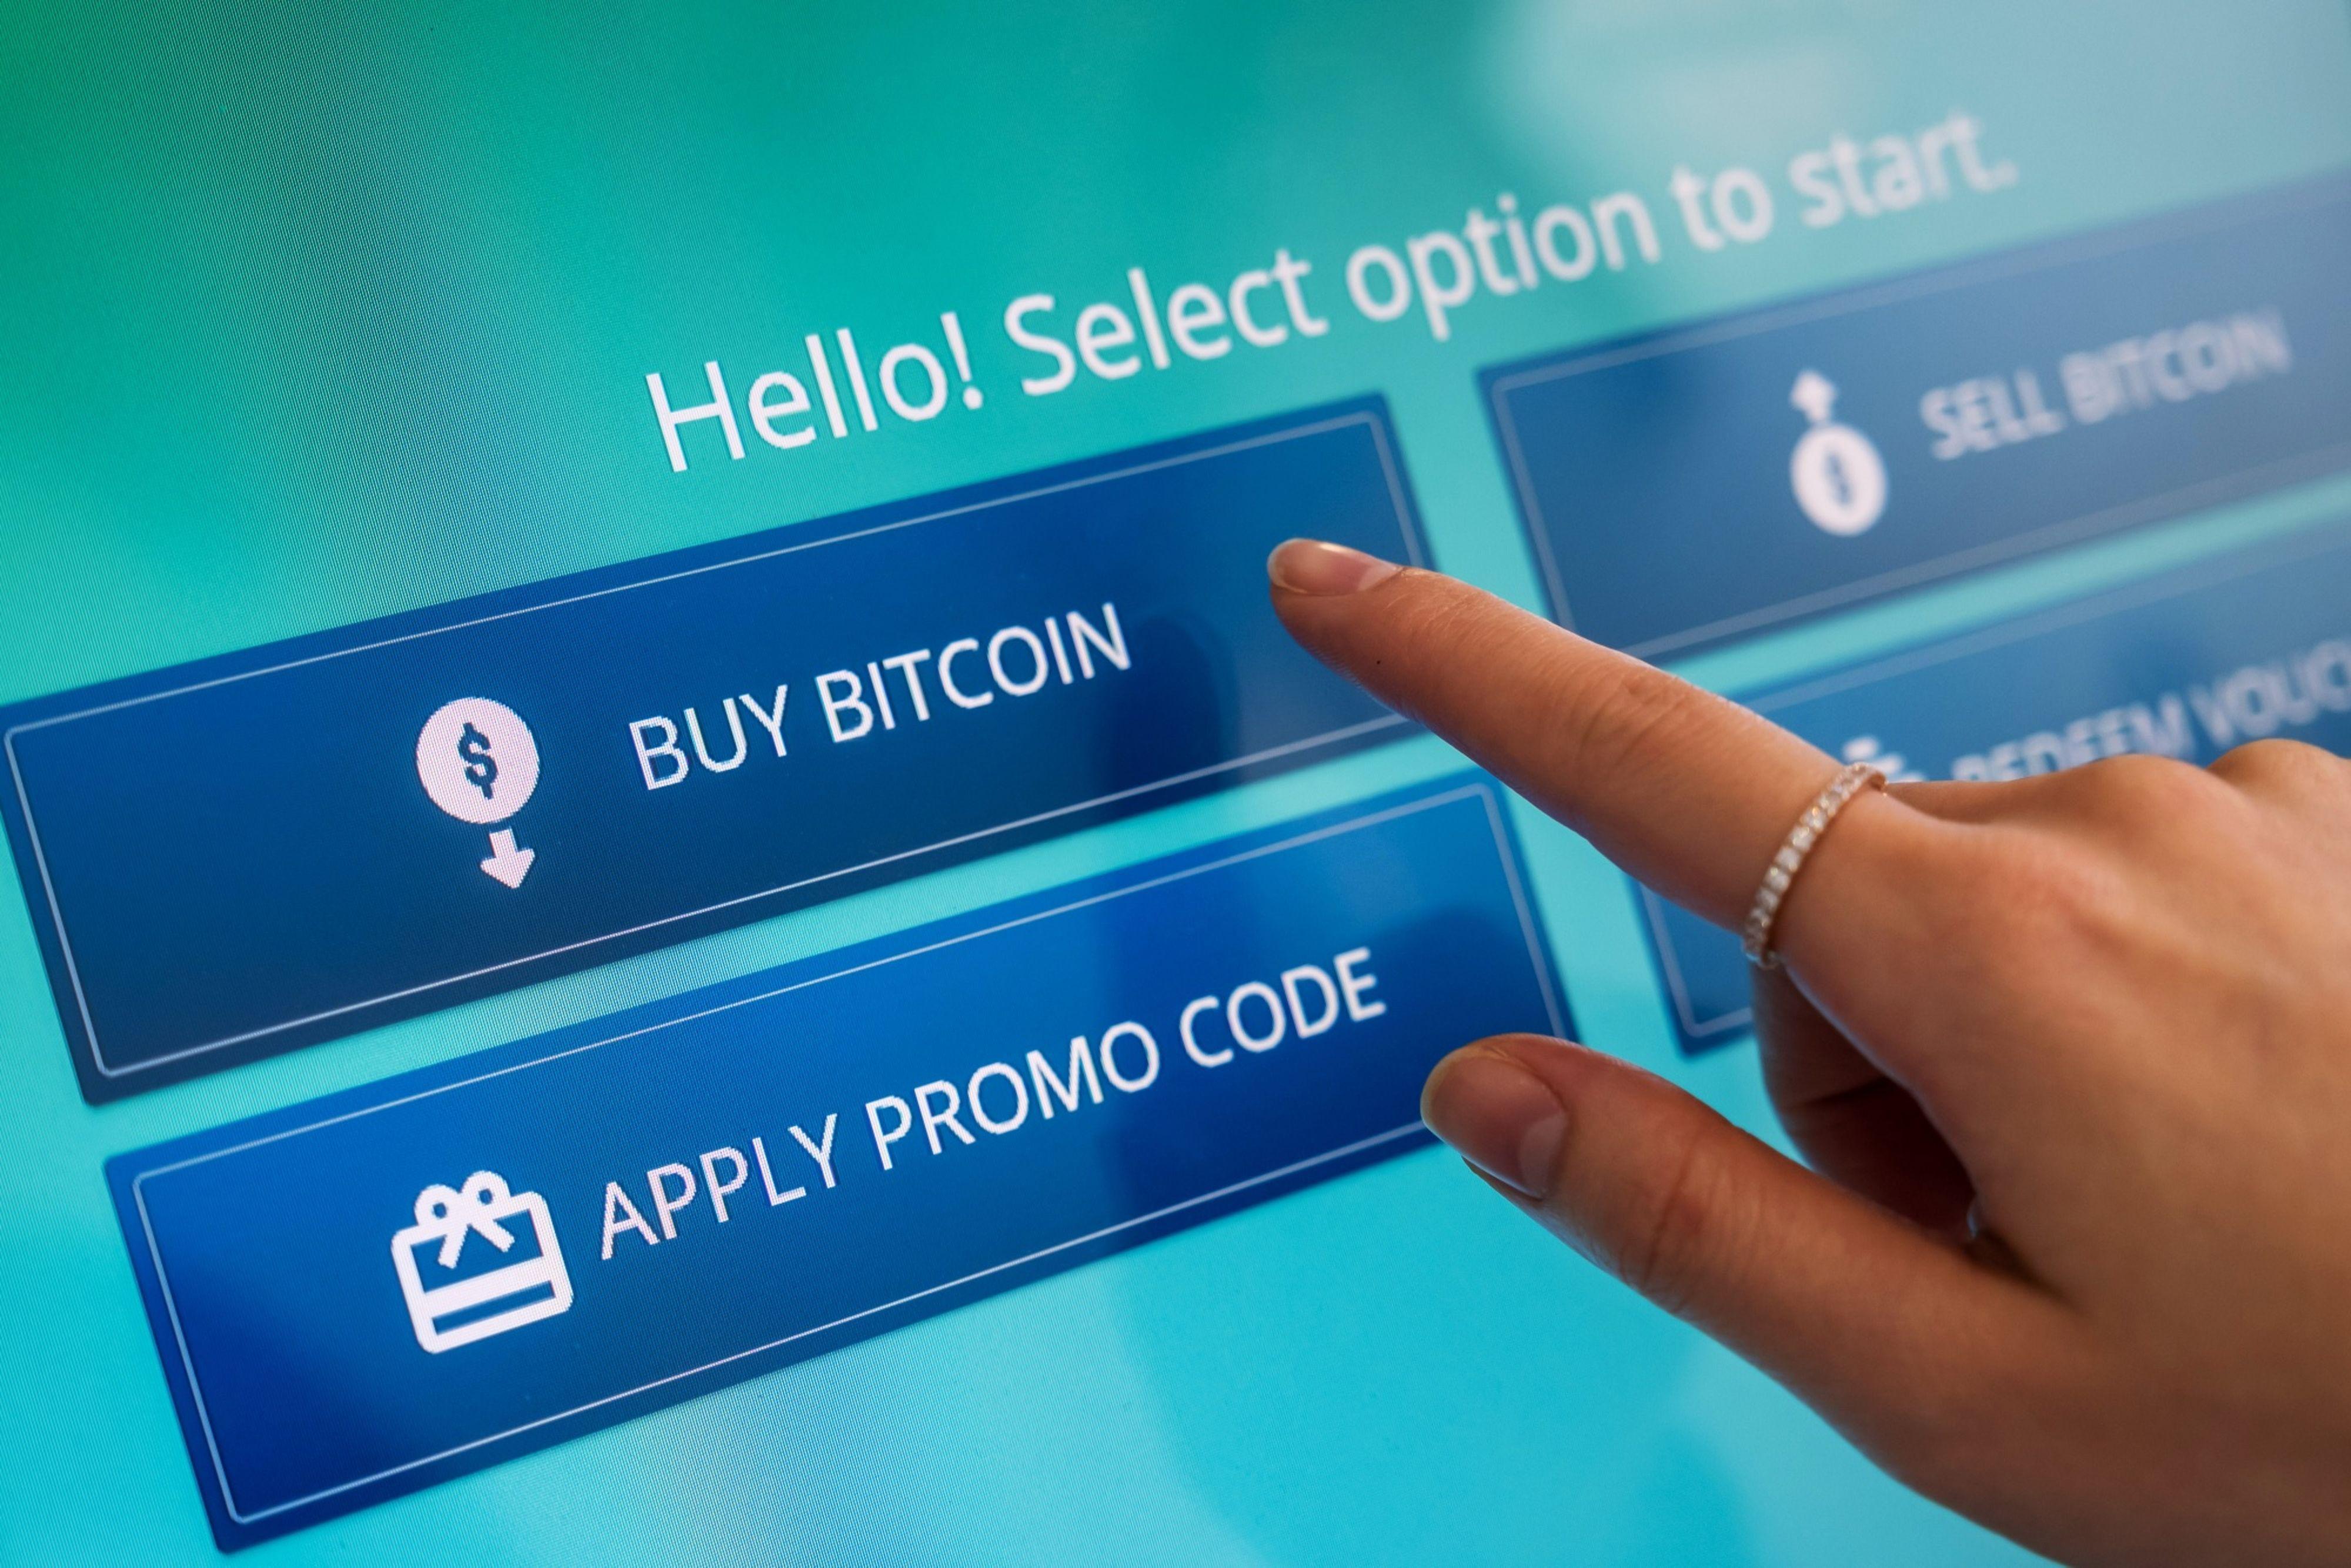 """Un trabajador selecciona la opción """"Comprar bitcoin"""" en una máquina automatizada (ATM) de criptomonedas, duante una demonstración en el Intercambio de Activos Digitales de Hong Kong, china, el jueves 24 de junio, 2021. Intercambio de Activos Digitales de Hong Kong es una plataforma de criptomonedas y es el primero en combinar intercambio en línea y físico en Hong Kong.  Fotógrafo: Paul Yeung/Bloomberg"""